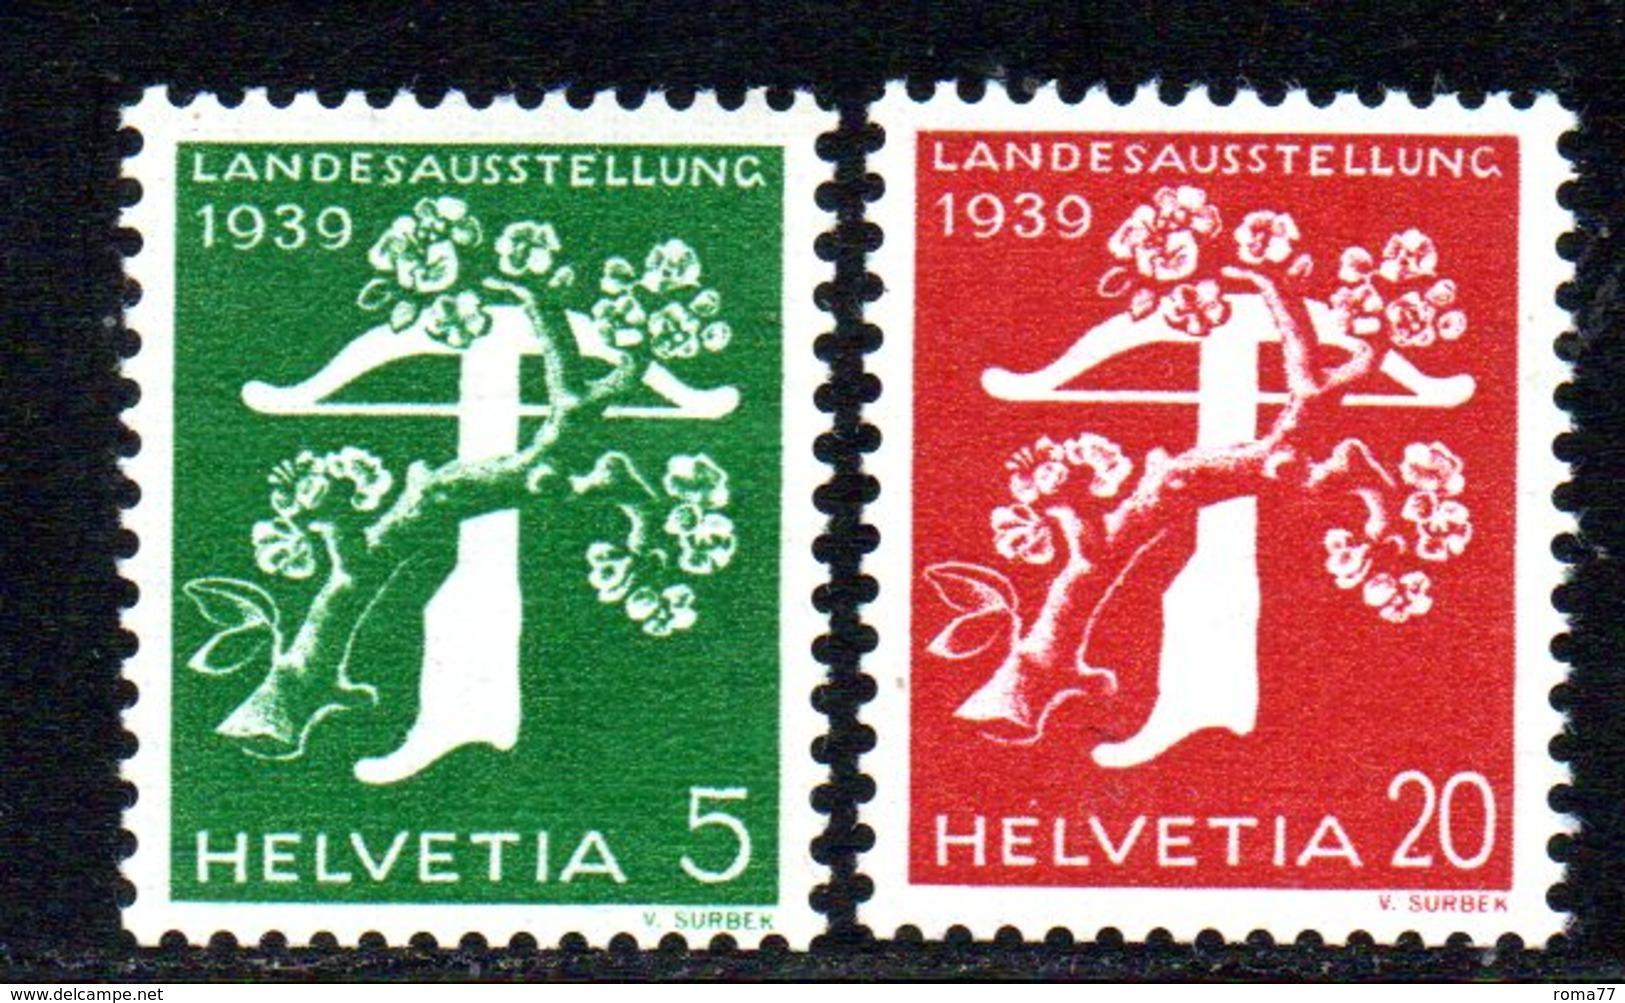 479/1500 - SVIZZERA 1939 , Unificato N. 337A-339A  ***  MNH.  Leggenda Tedesca. Carta Goffrata - Nuovi